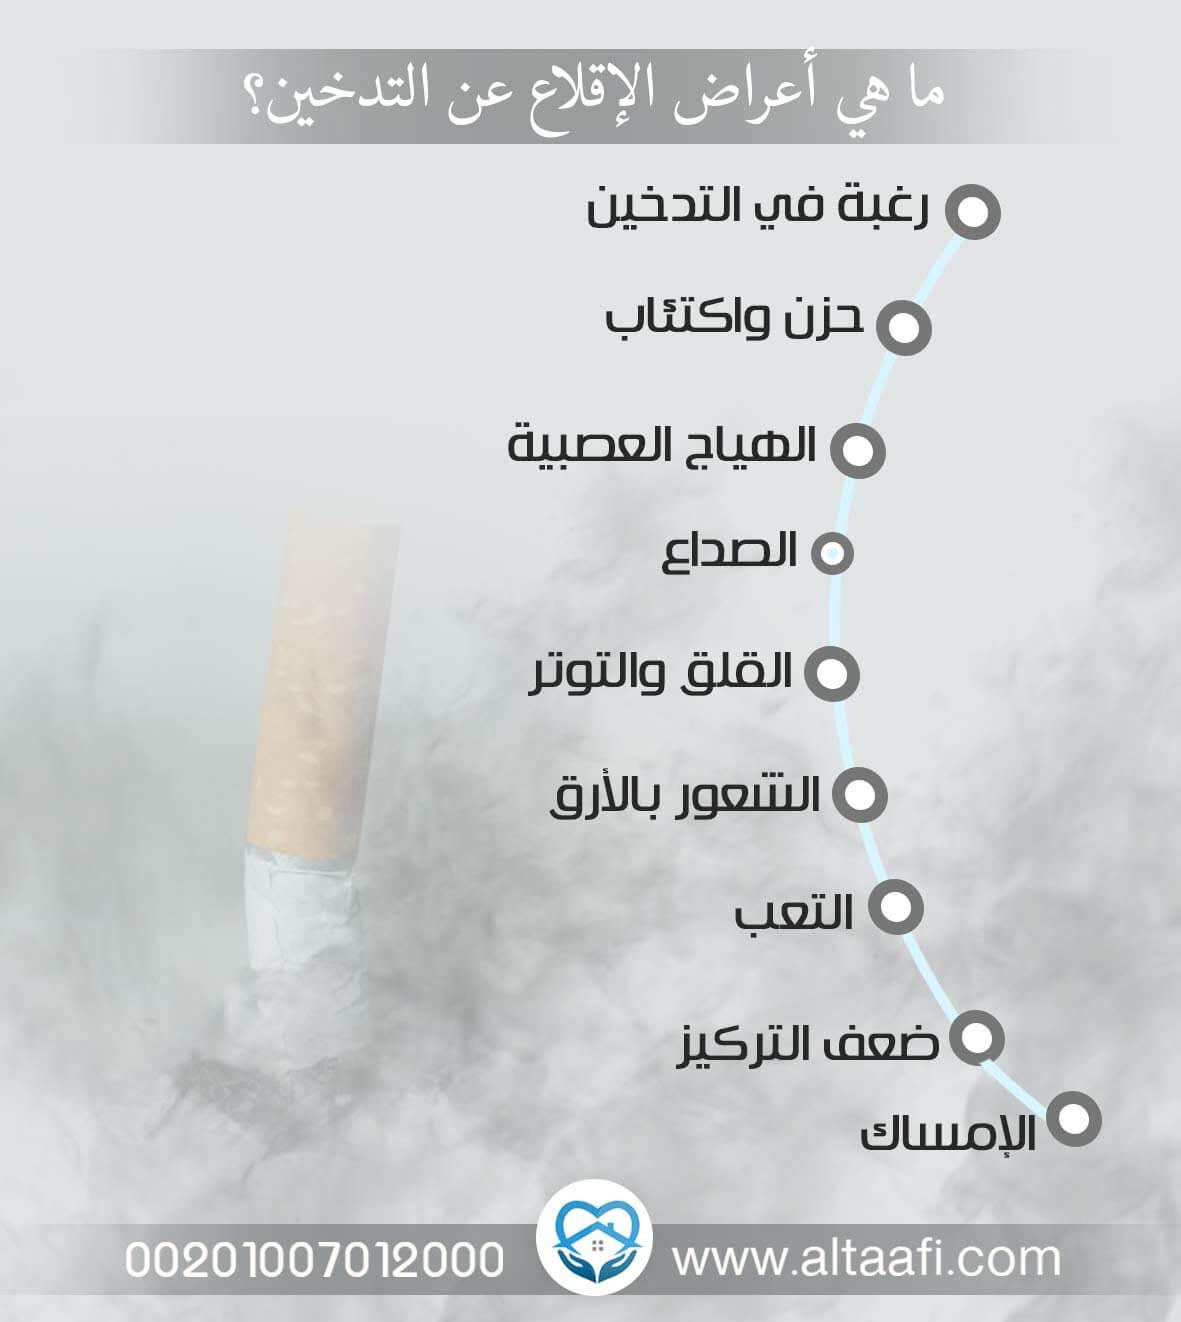 طرق جانبية النبيل الوعظ تاثير تبطيل السجائر Sjvbca Org